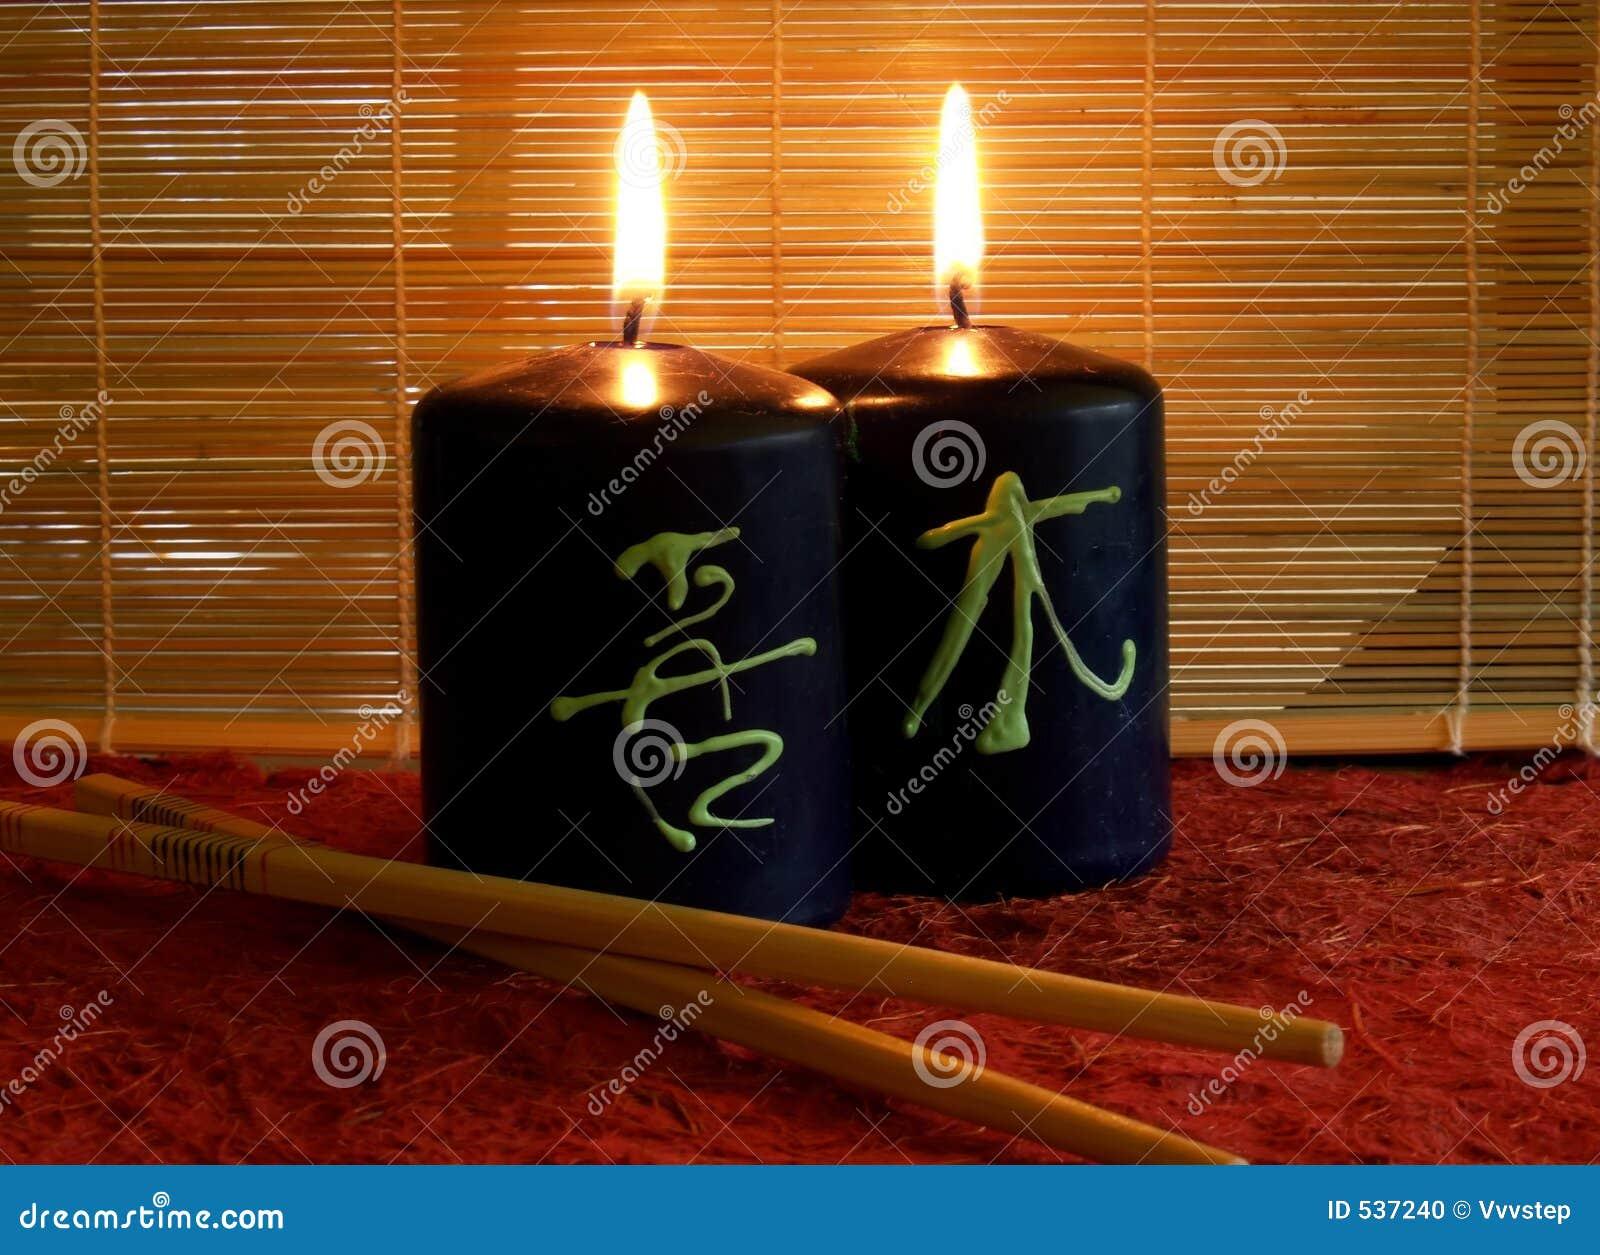 Deux bougies allumées